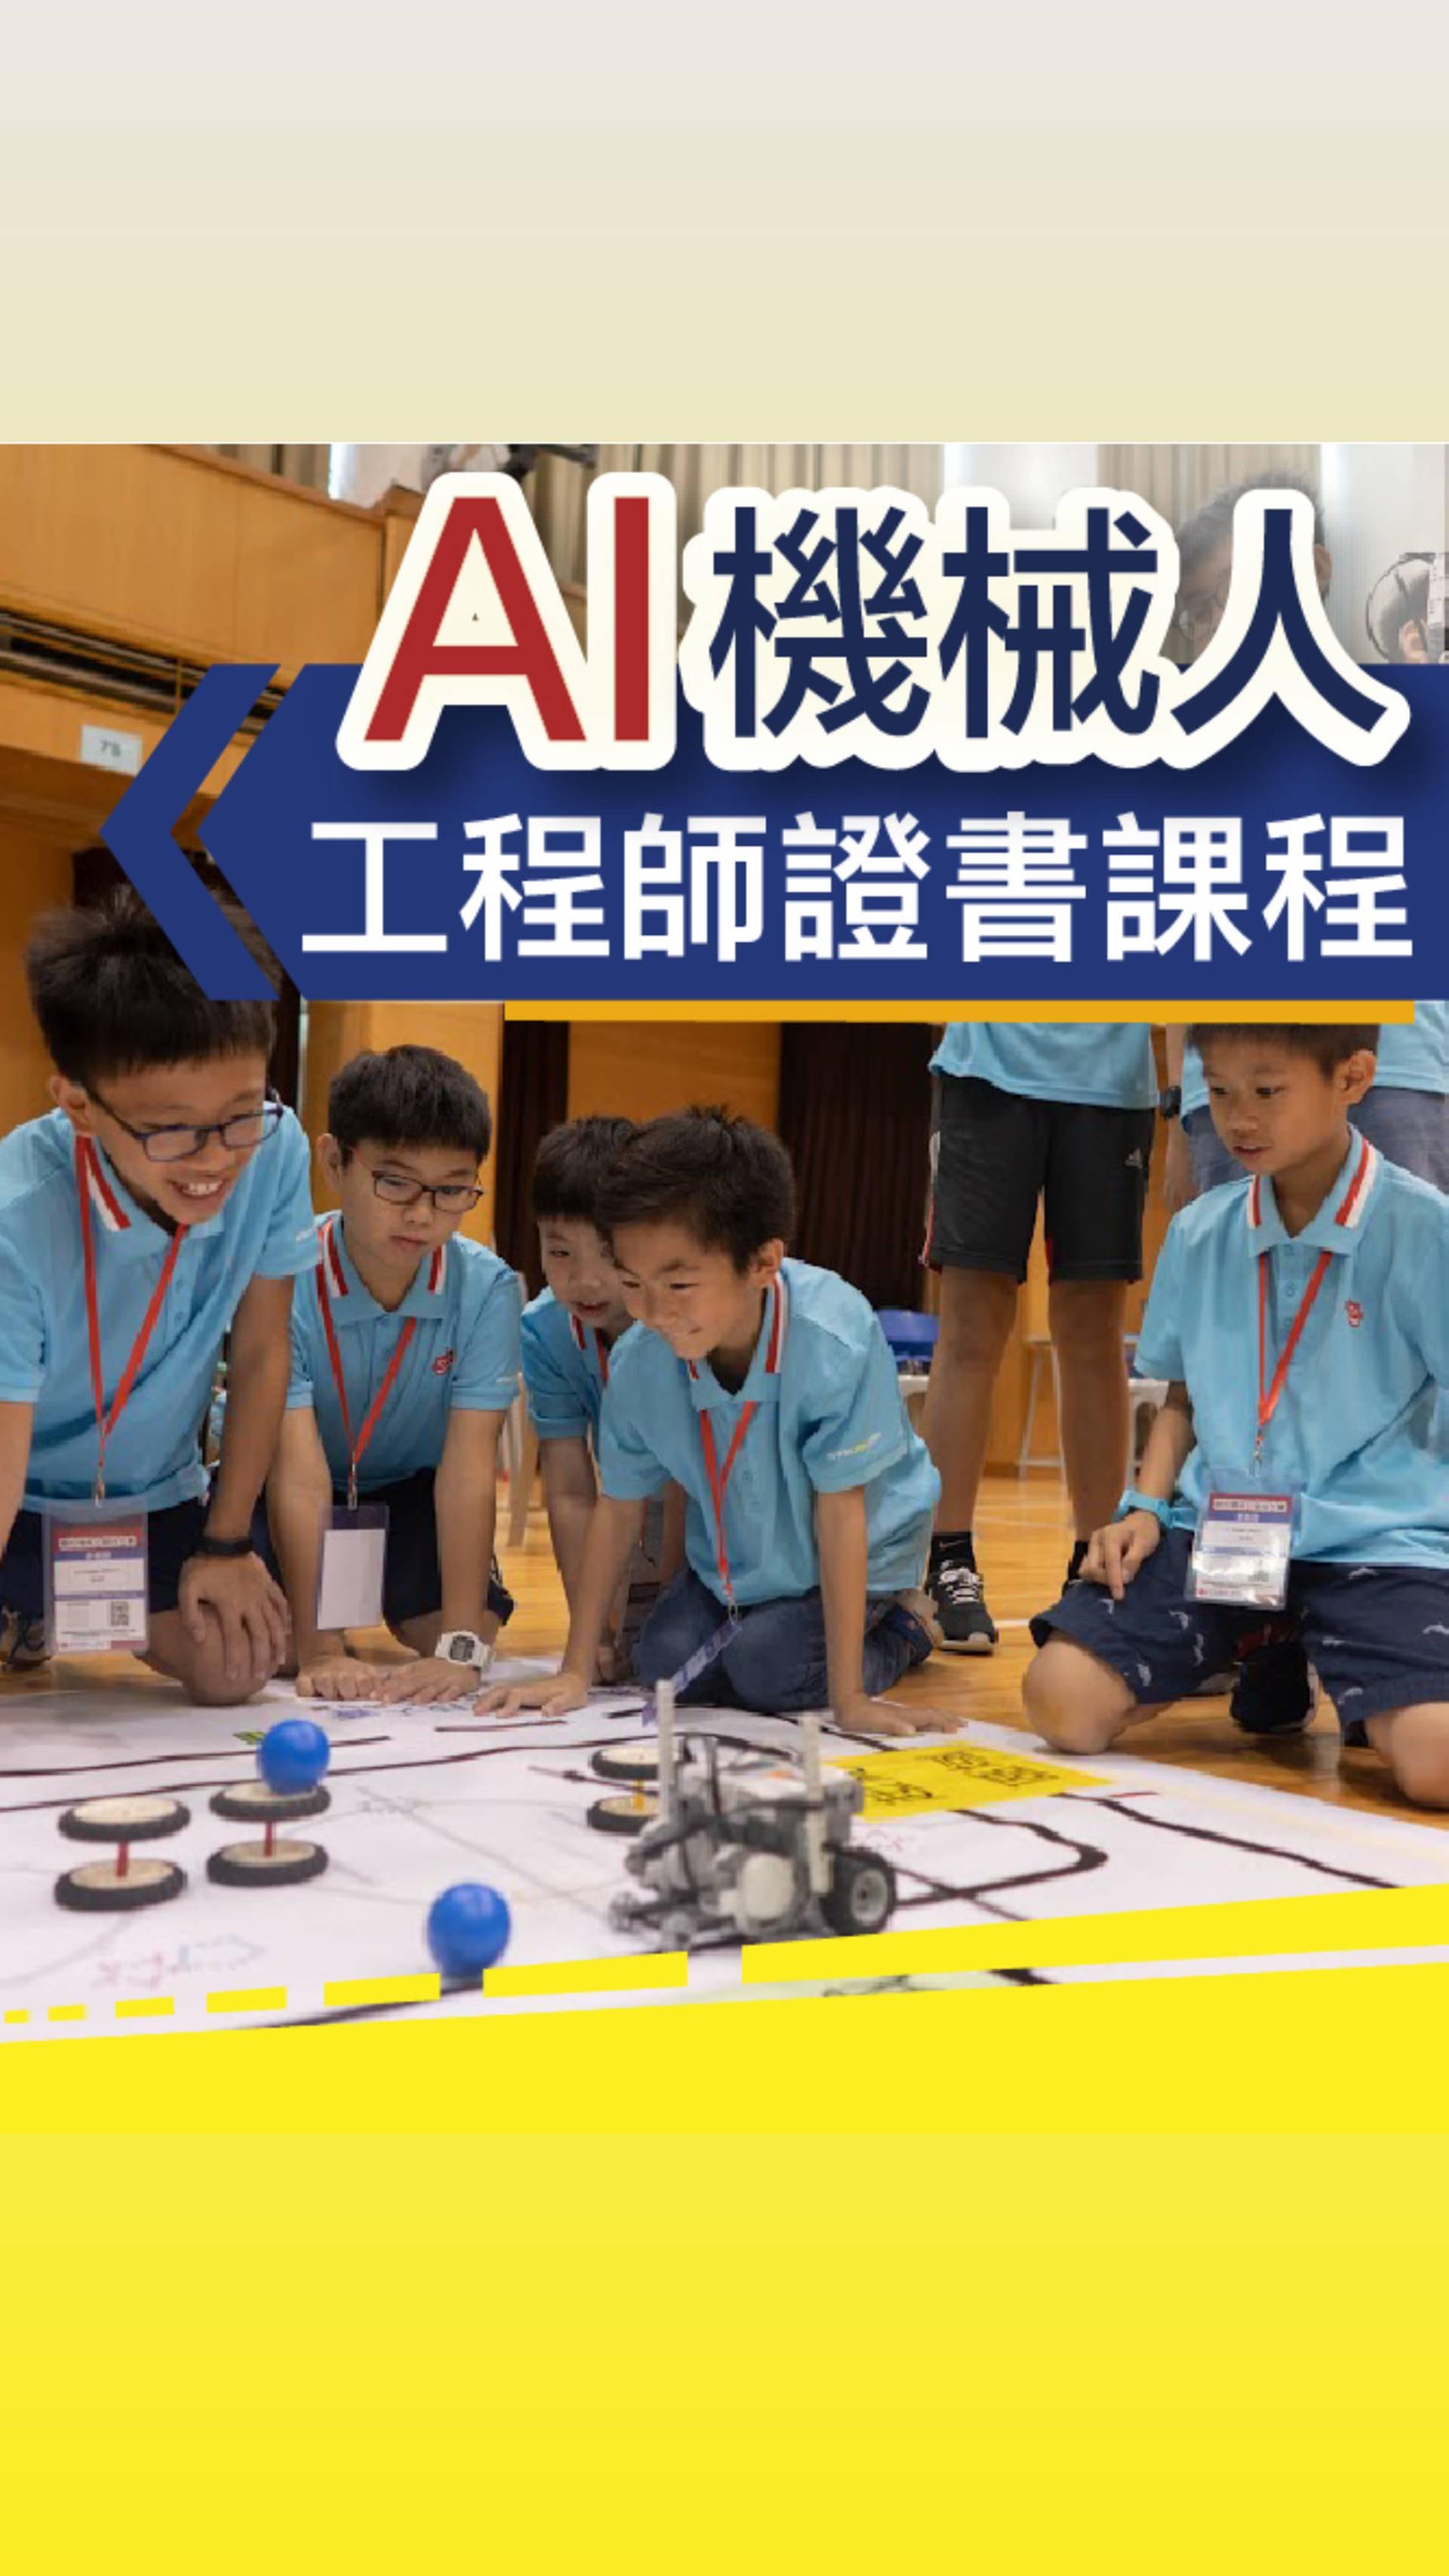 AI 機械人工程師證書課程 (8-12歲)